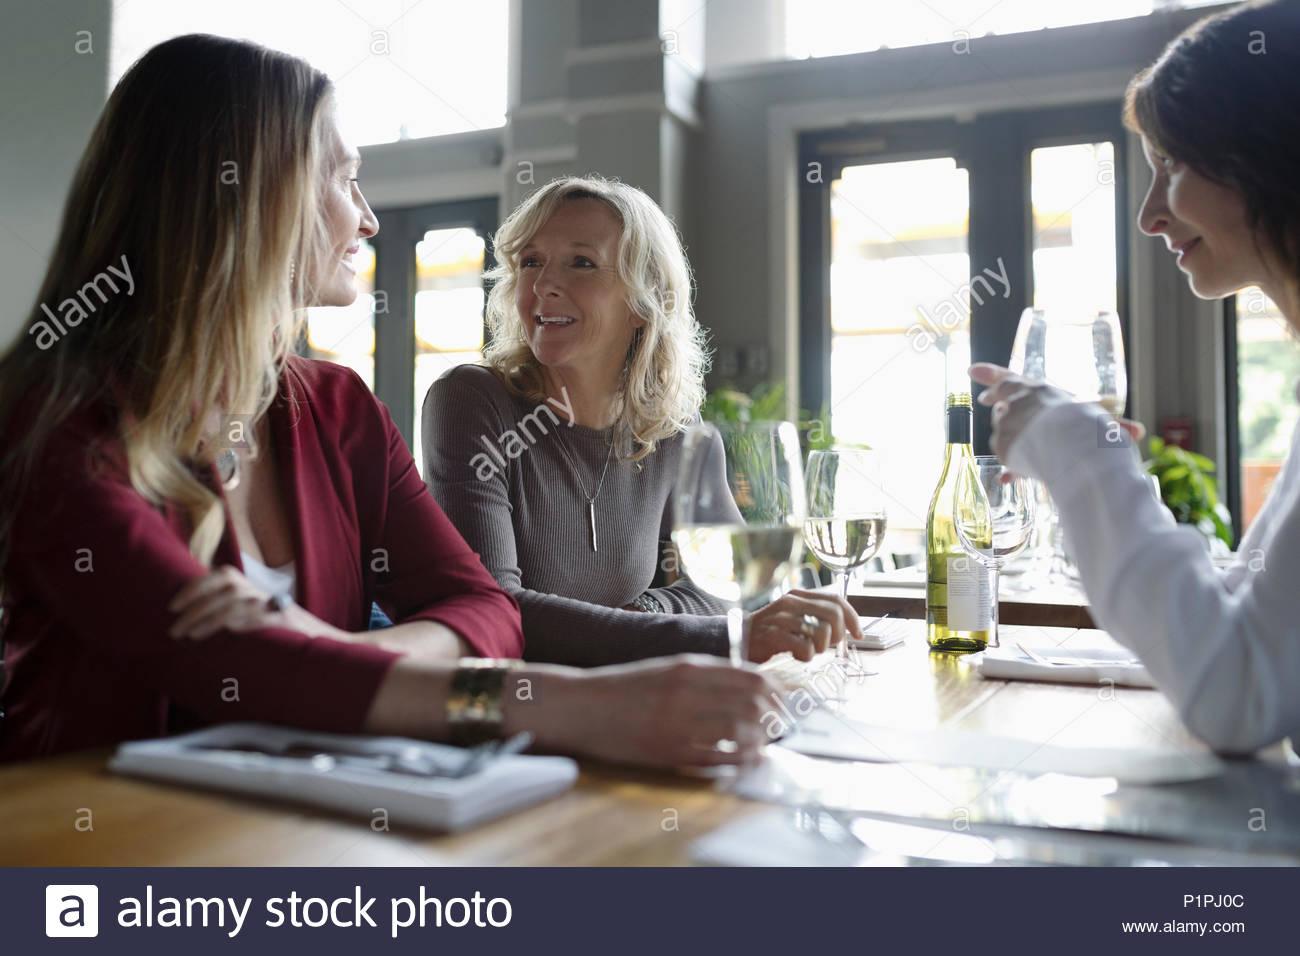 Las mujeres beber vino, cena en restaurante. Imagen De Stock